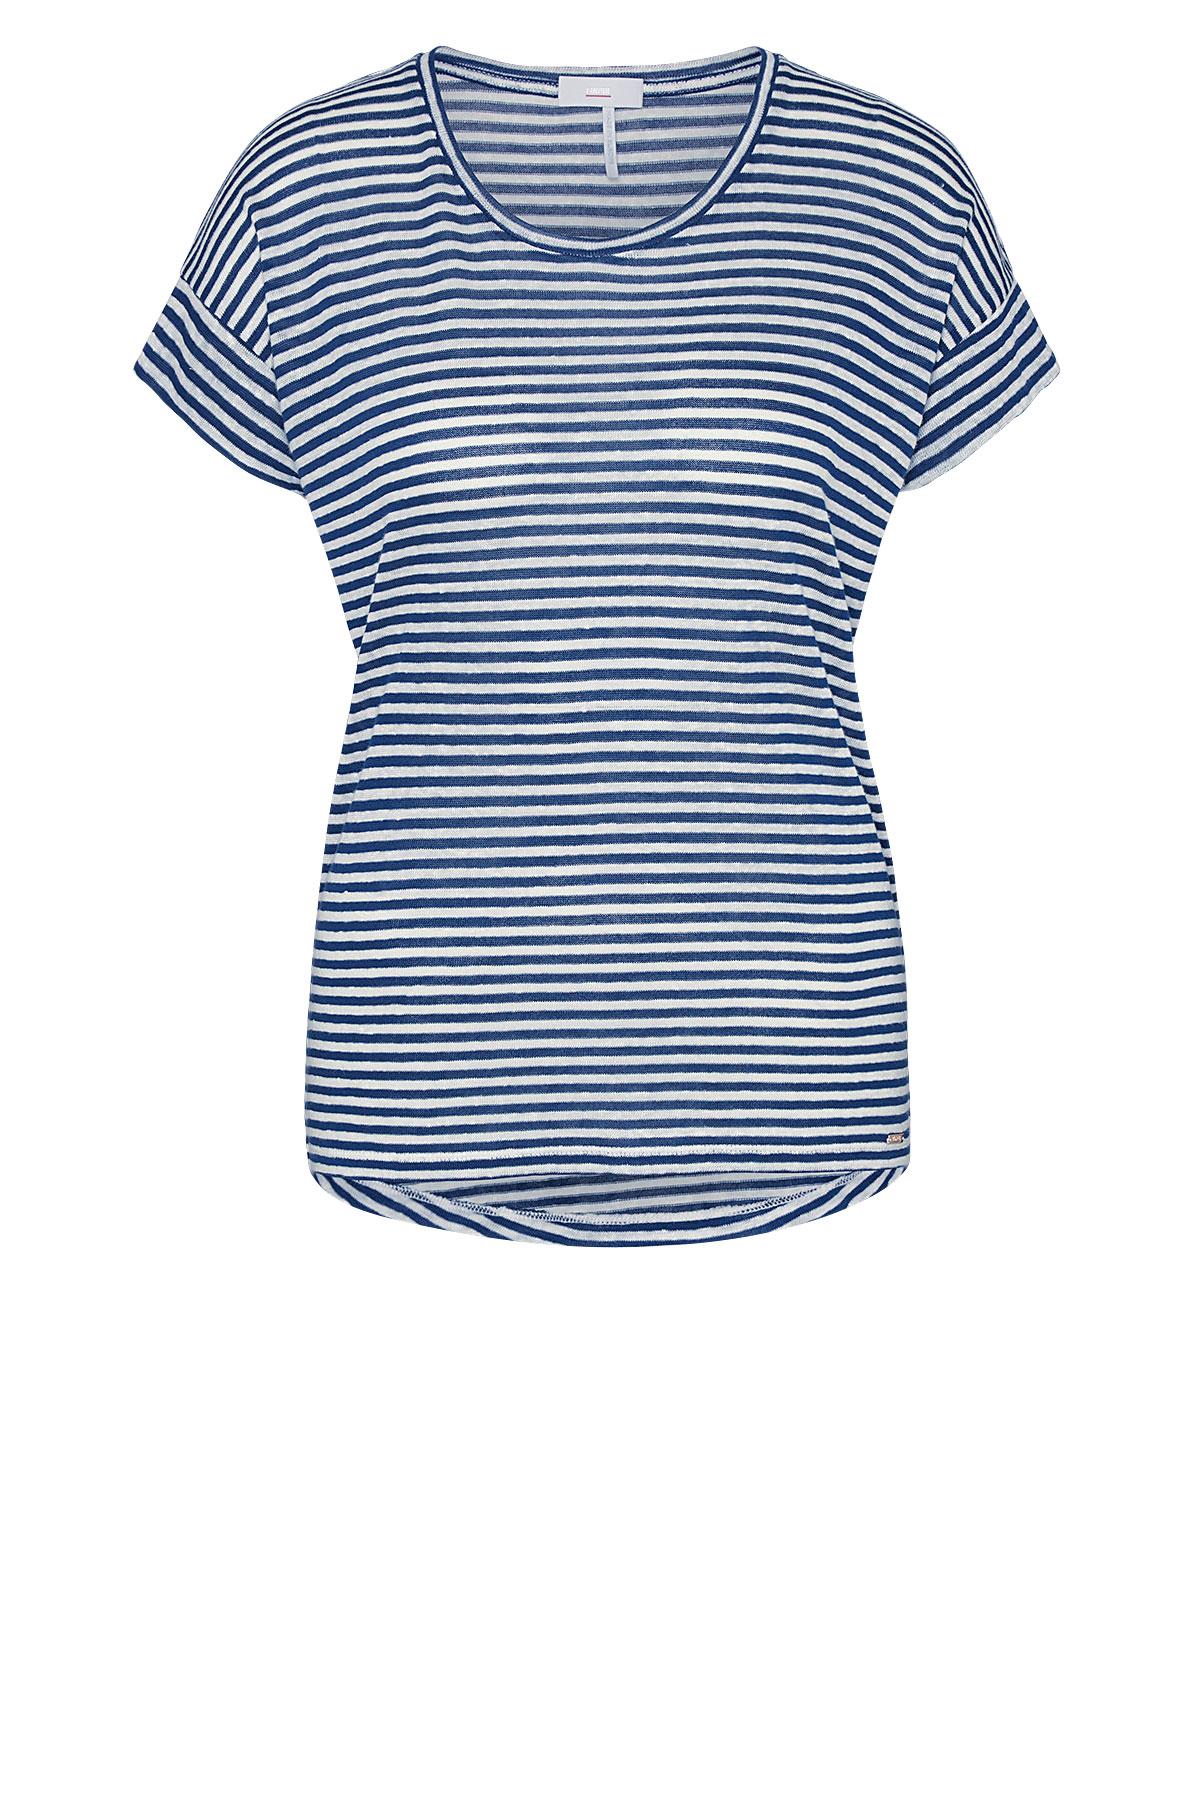 Cinque kurzarm Shirt blau gestreift